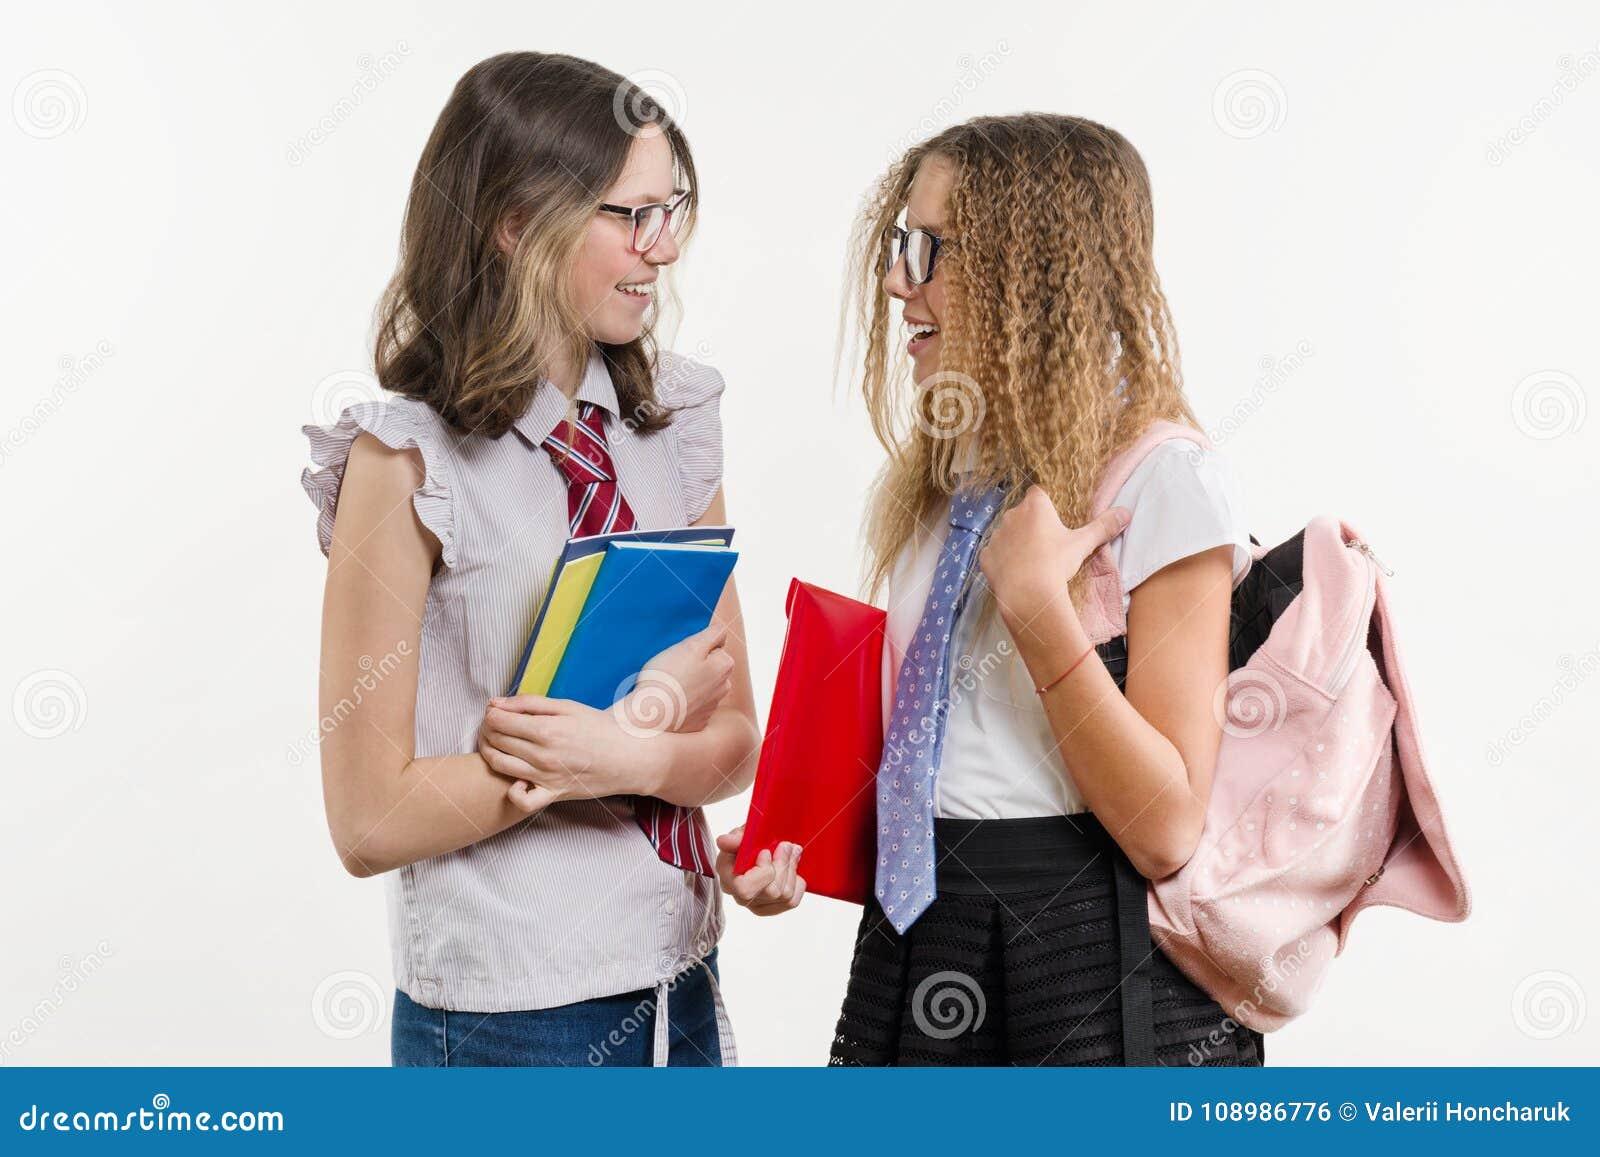 Glückliche Highschool Freunde sind Jugendlichen, Gespräch und Geheimnis